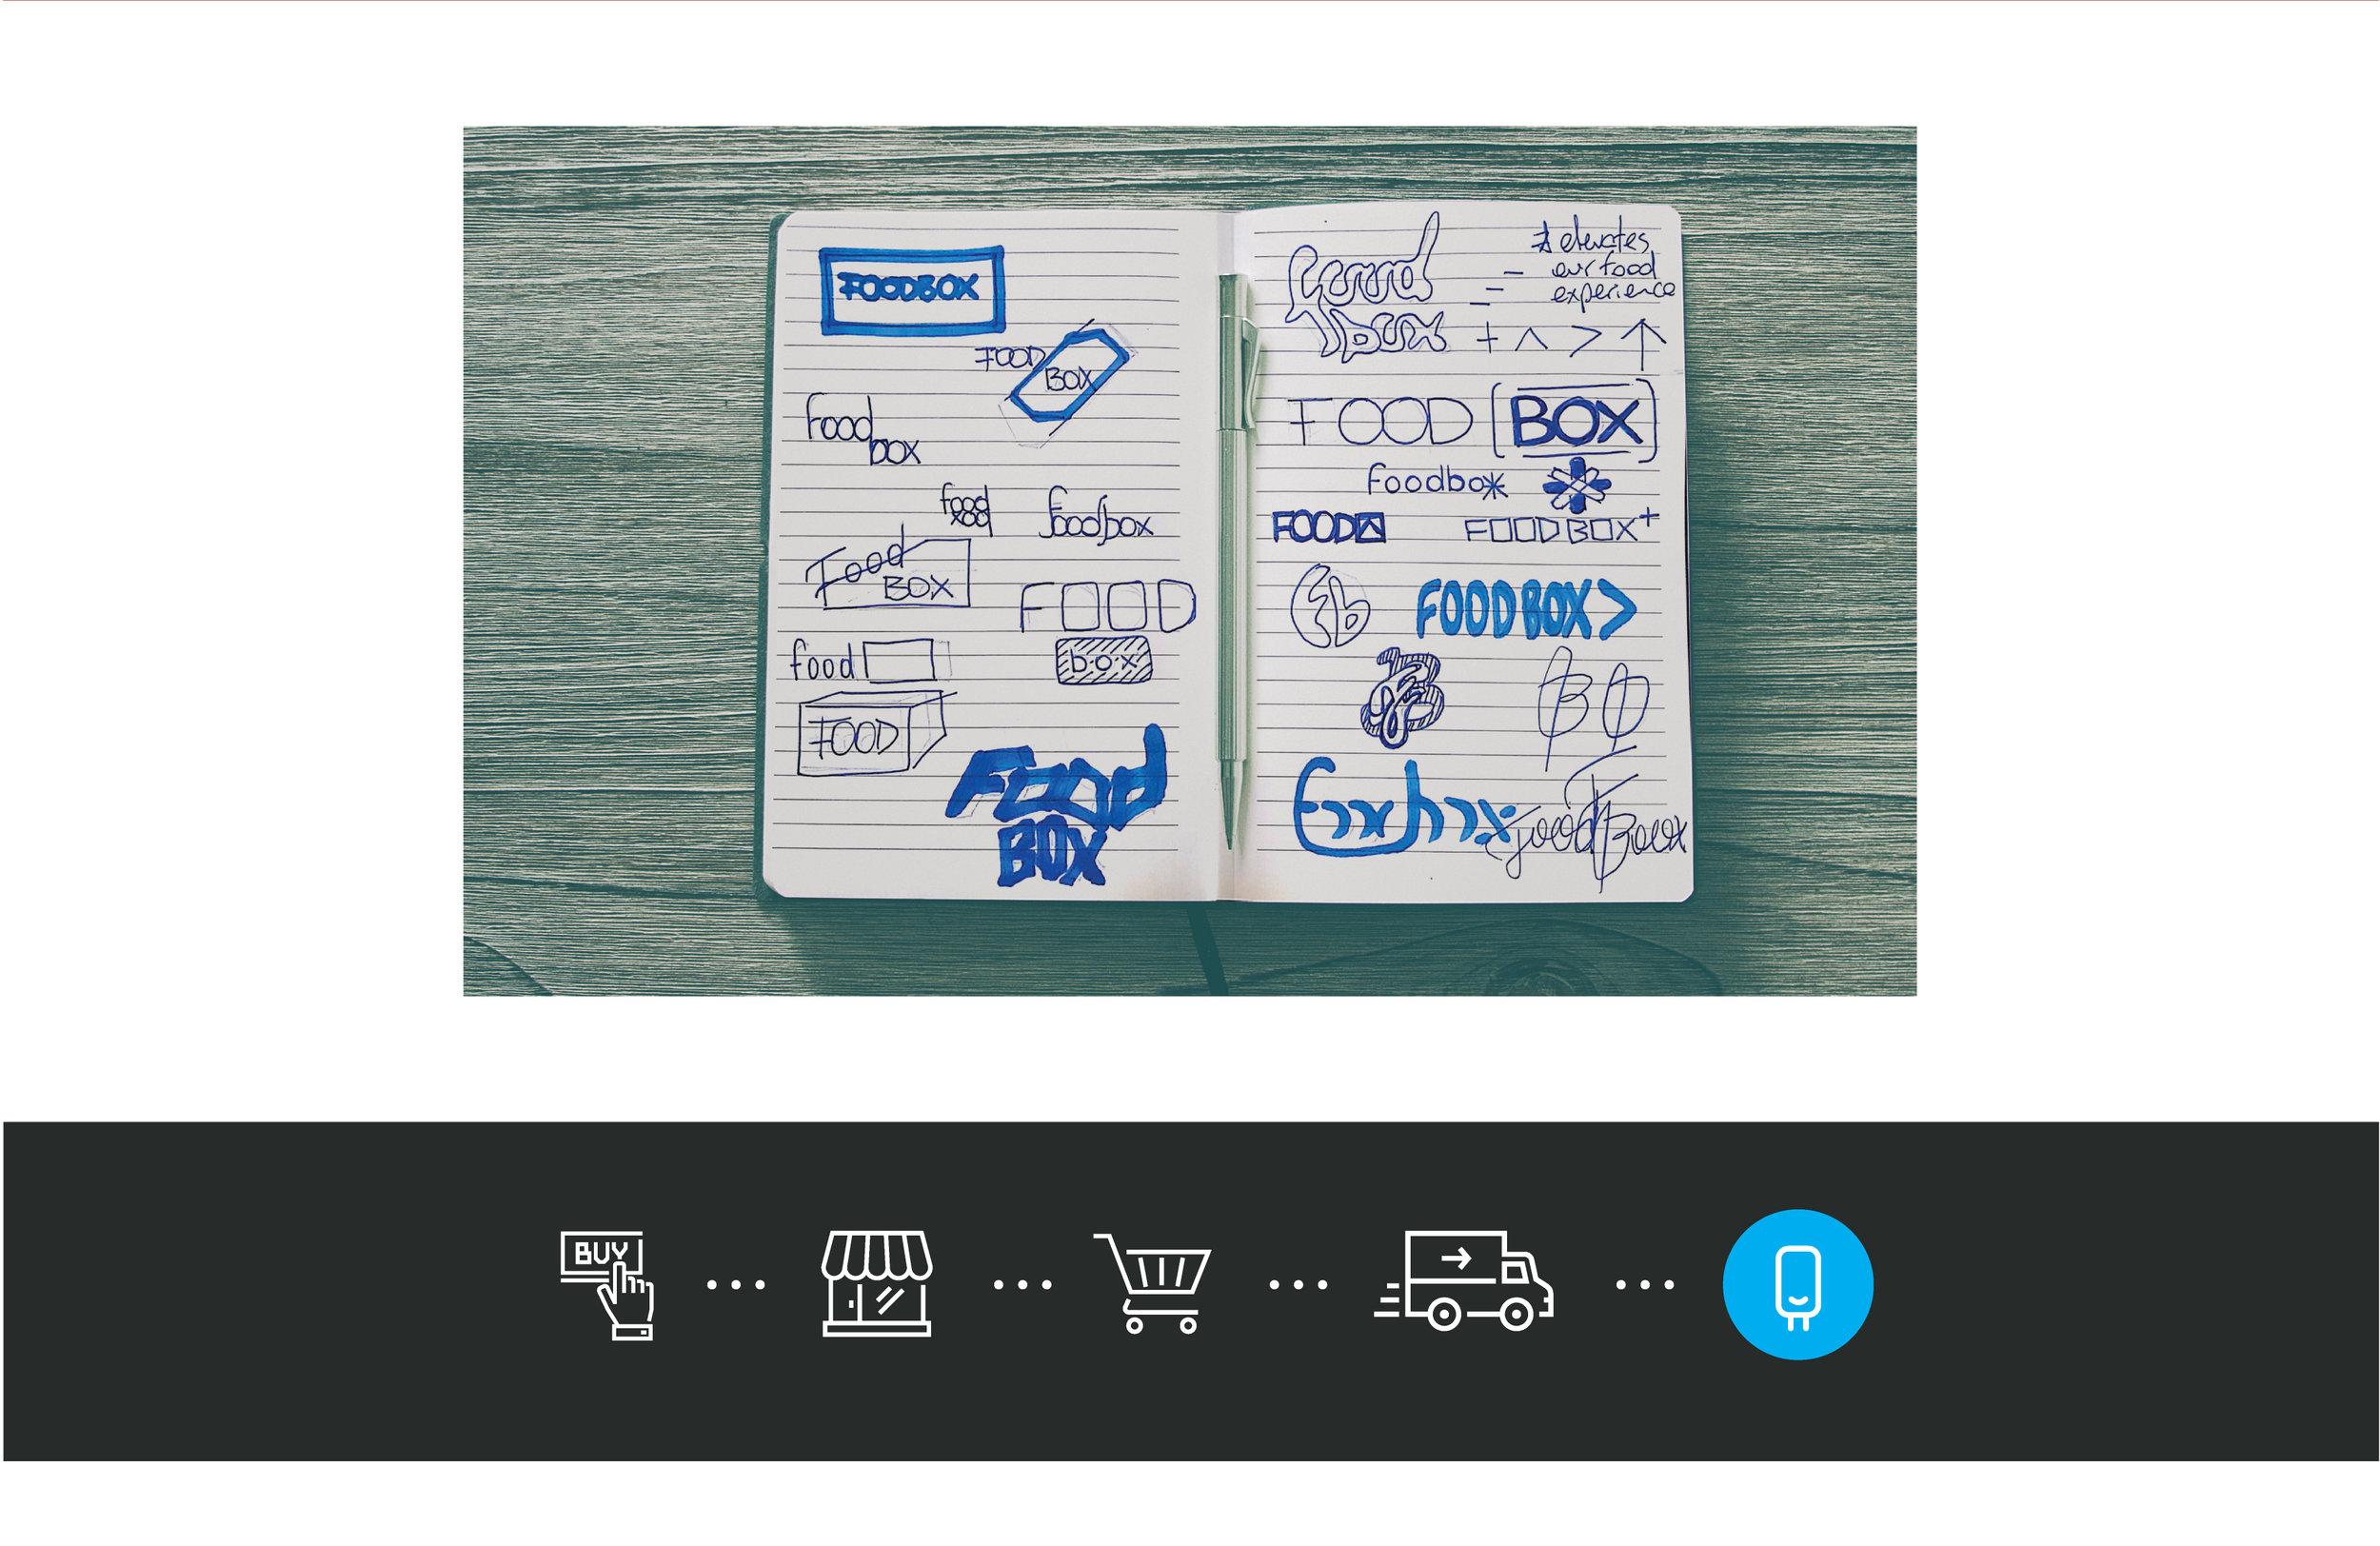 Foodbox-heroandicons.jpg